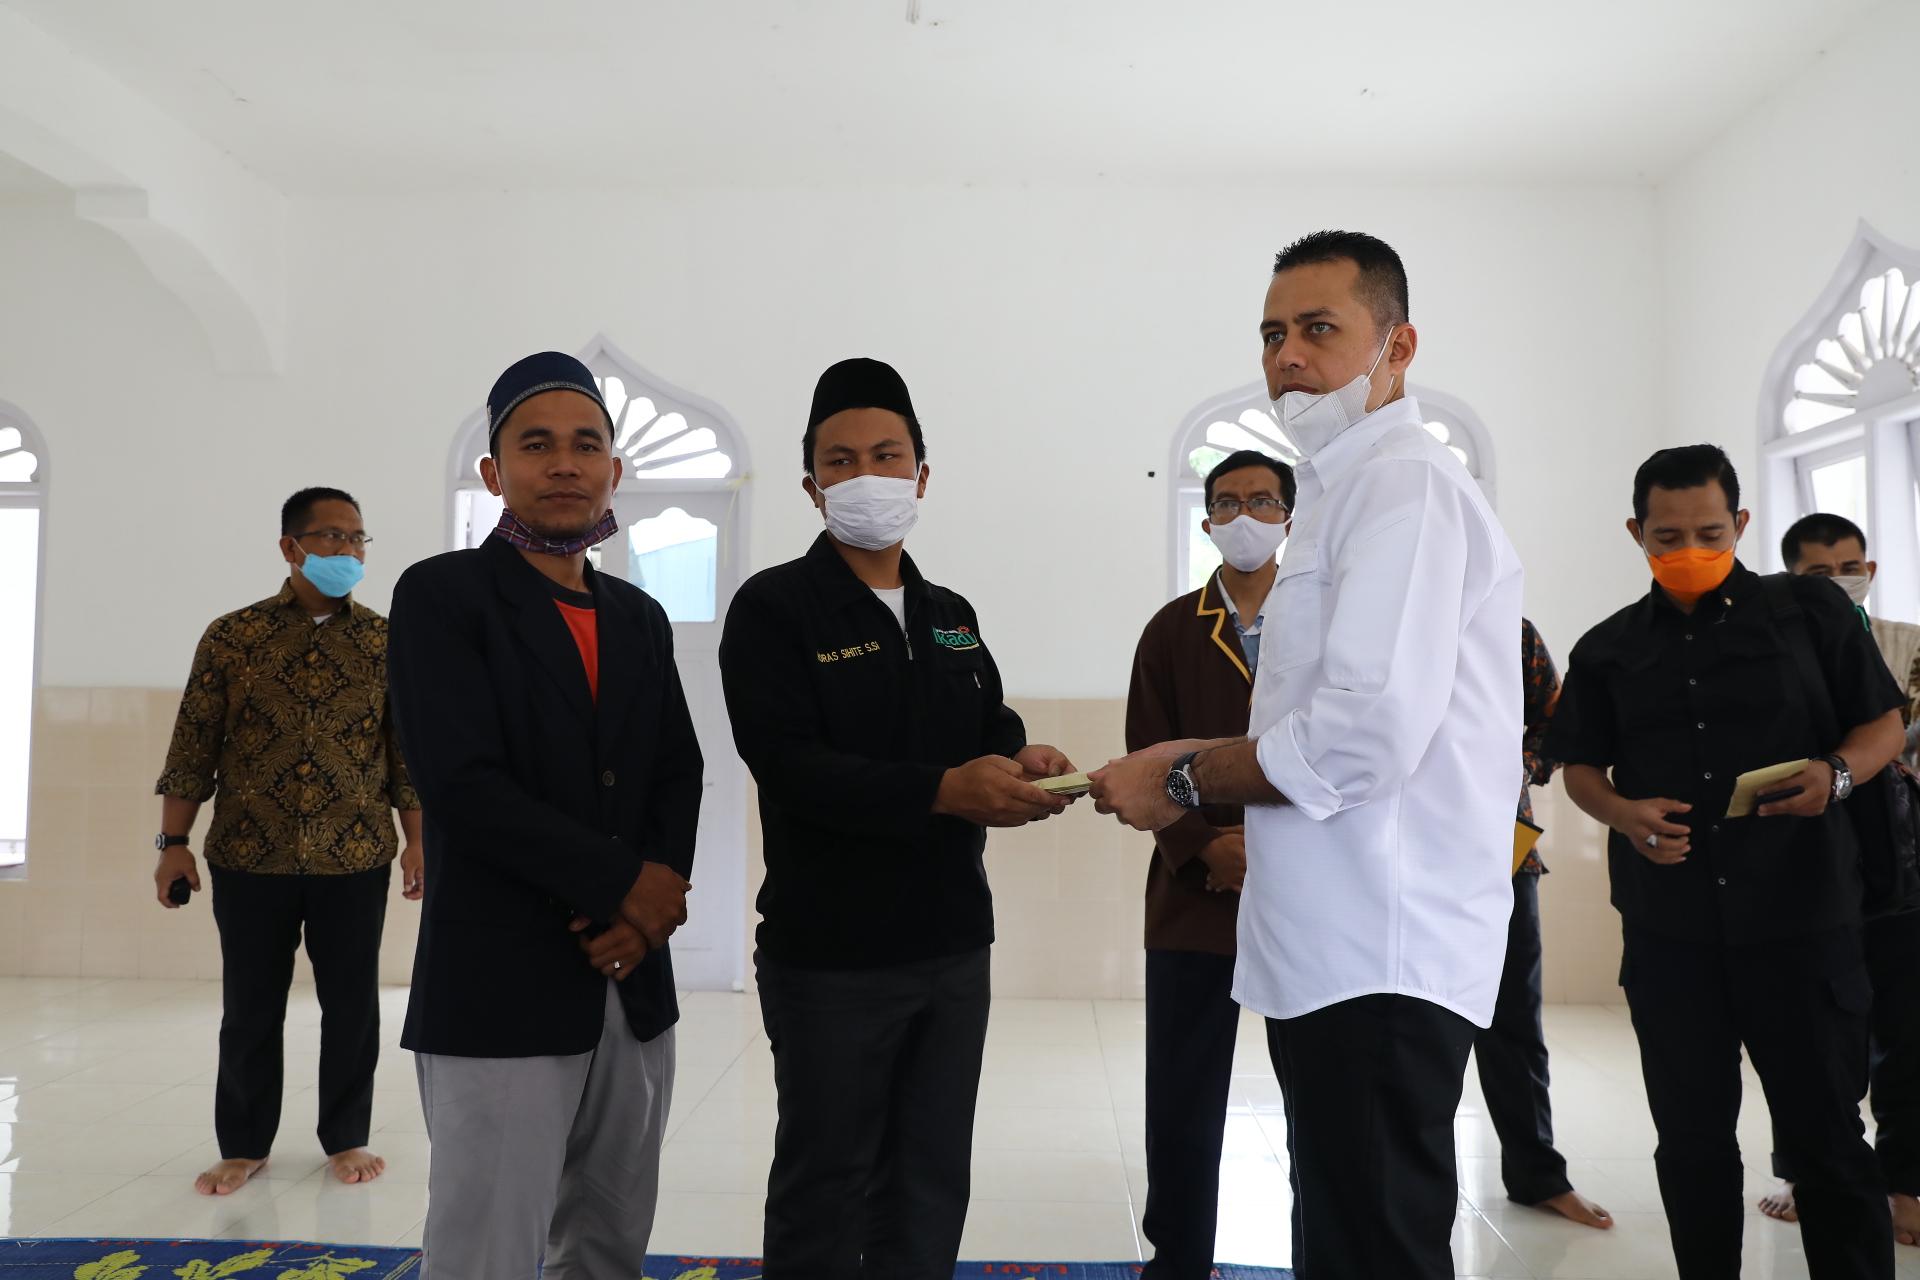 Silaturahmi ke Panti Asuhan Mohd Yasin Tambunan, Wagubsu Motivasi Anak Yatim Piatu